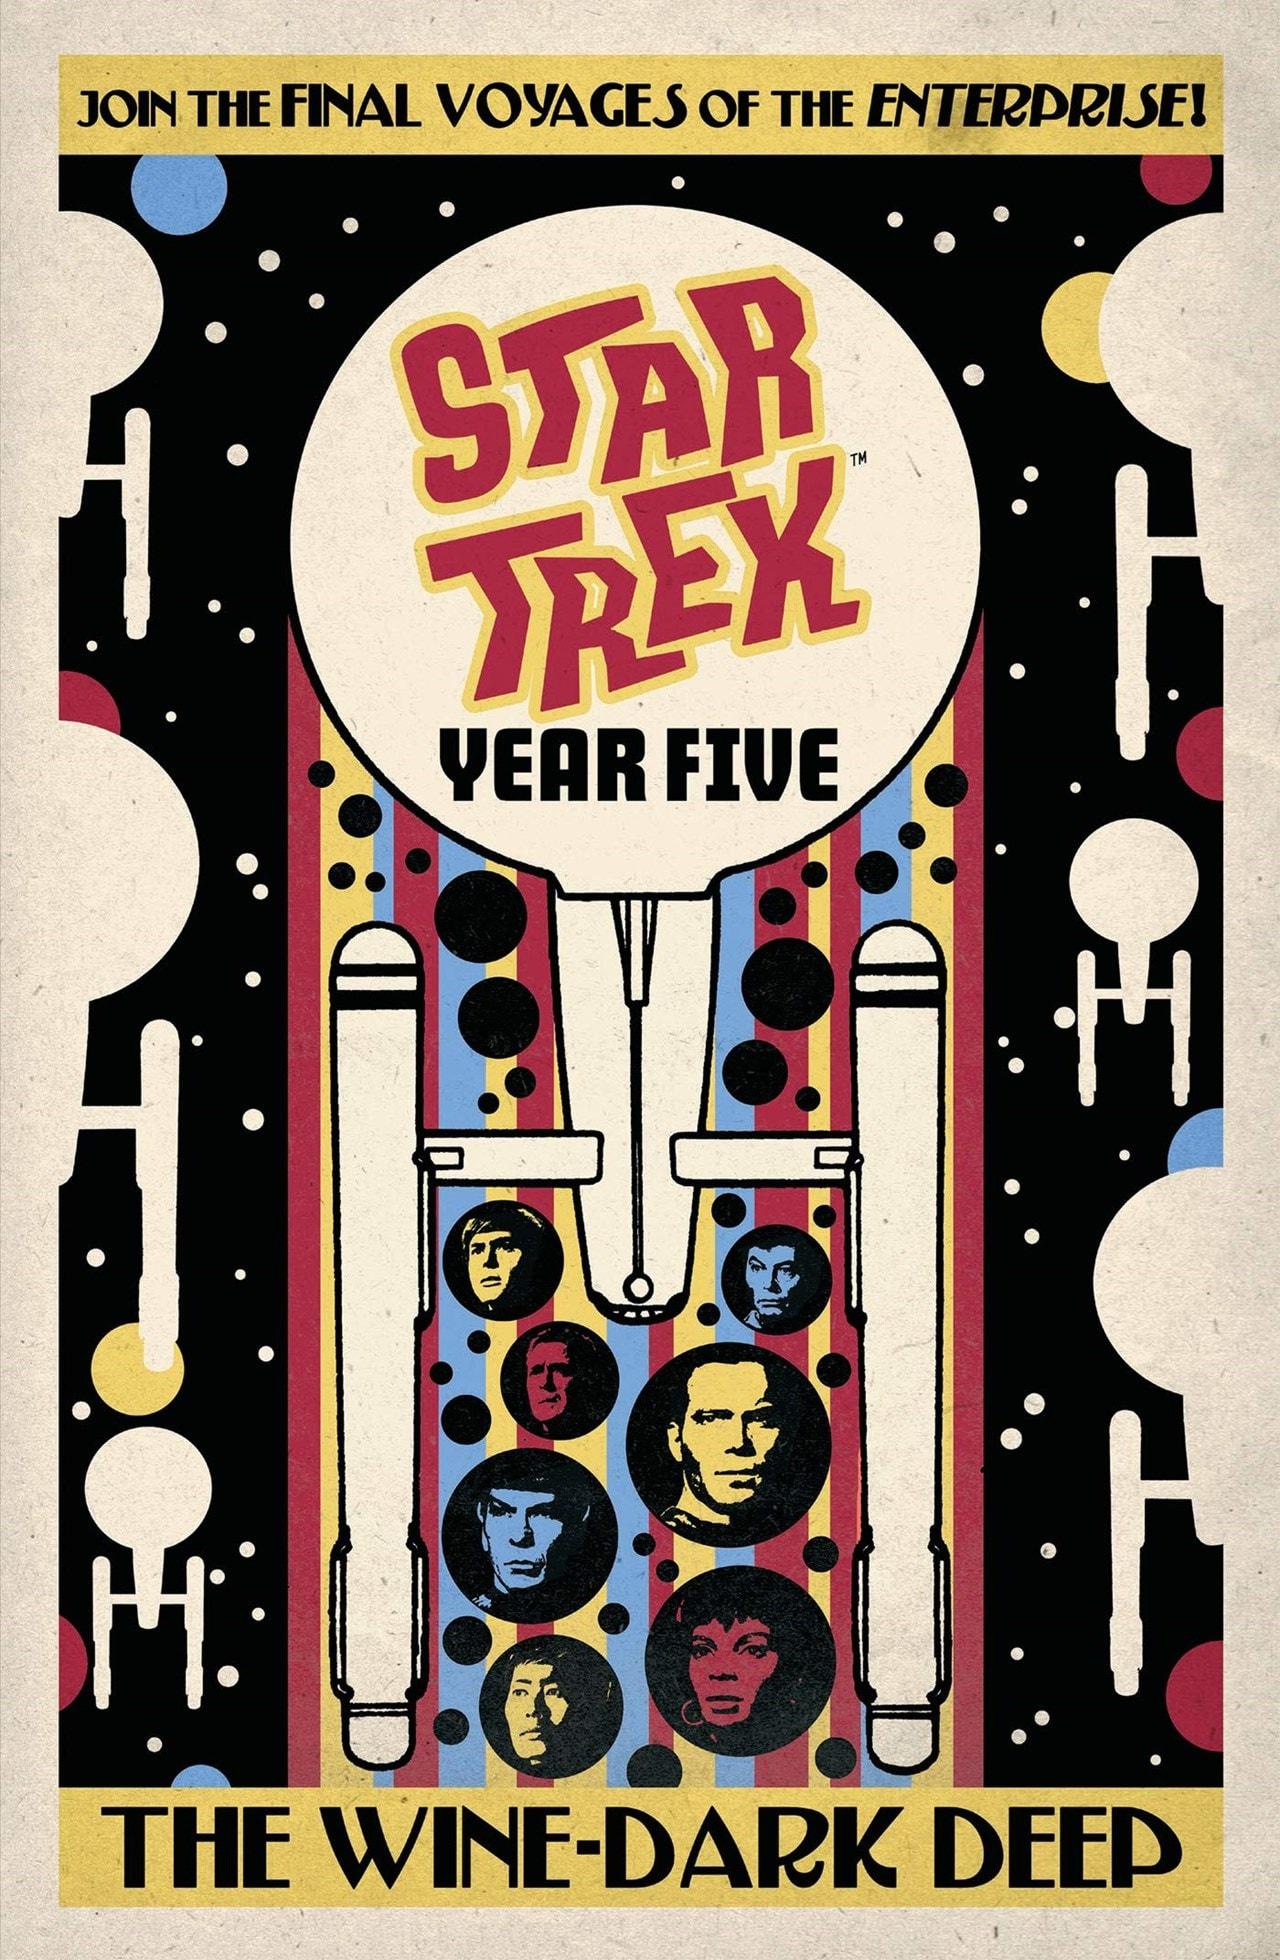 Star Trek: Year Five: The Wine-Dark Deep: Book 2 - 1